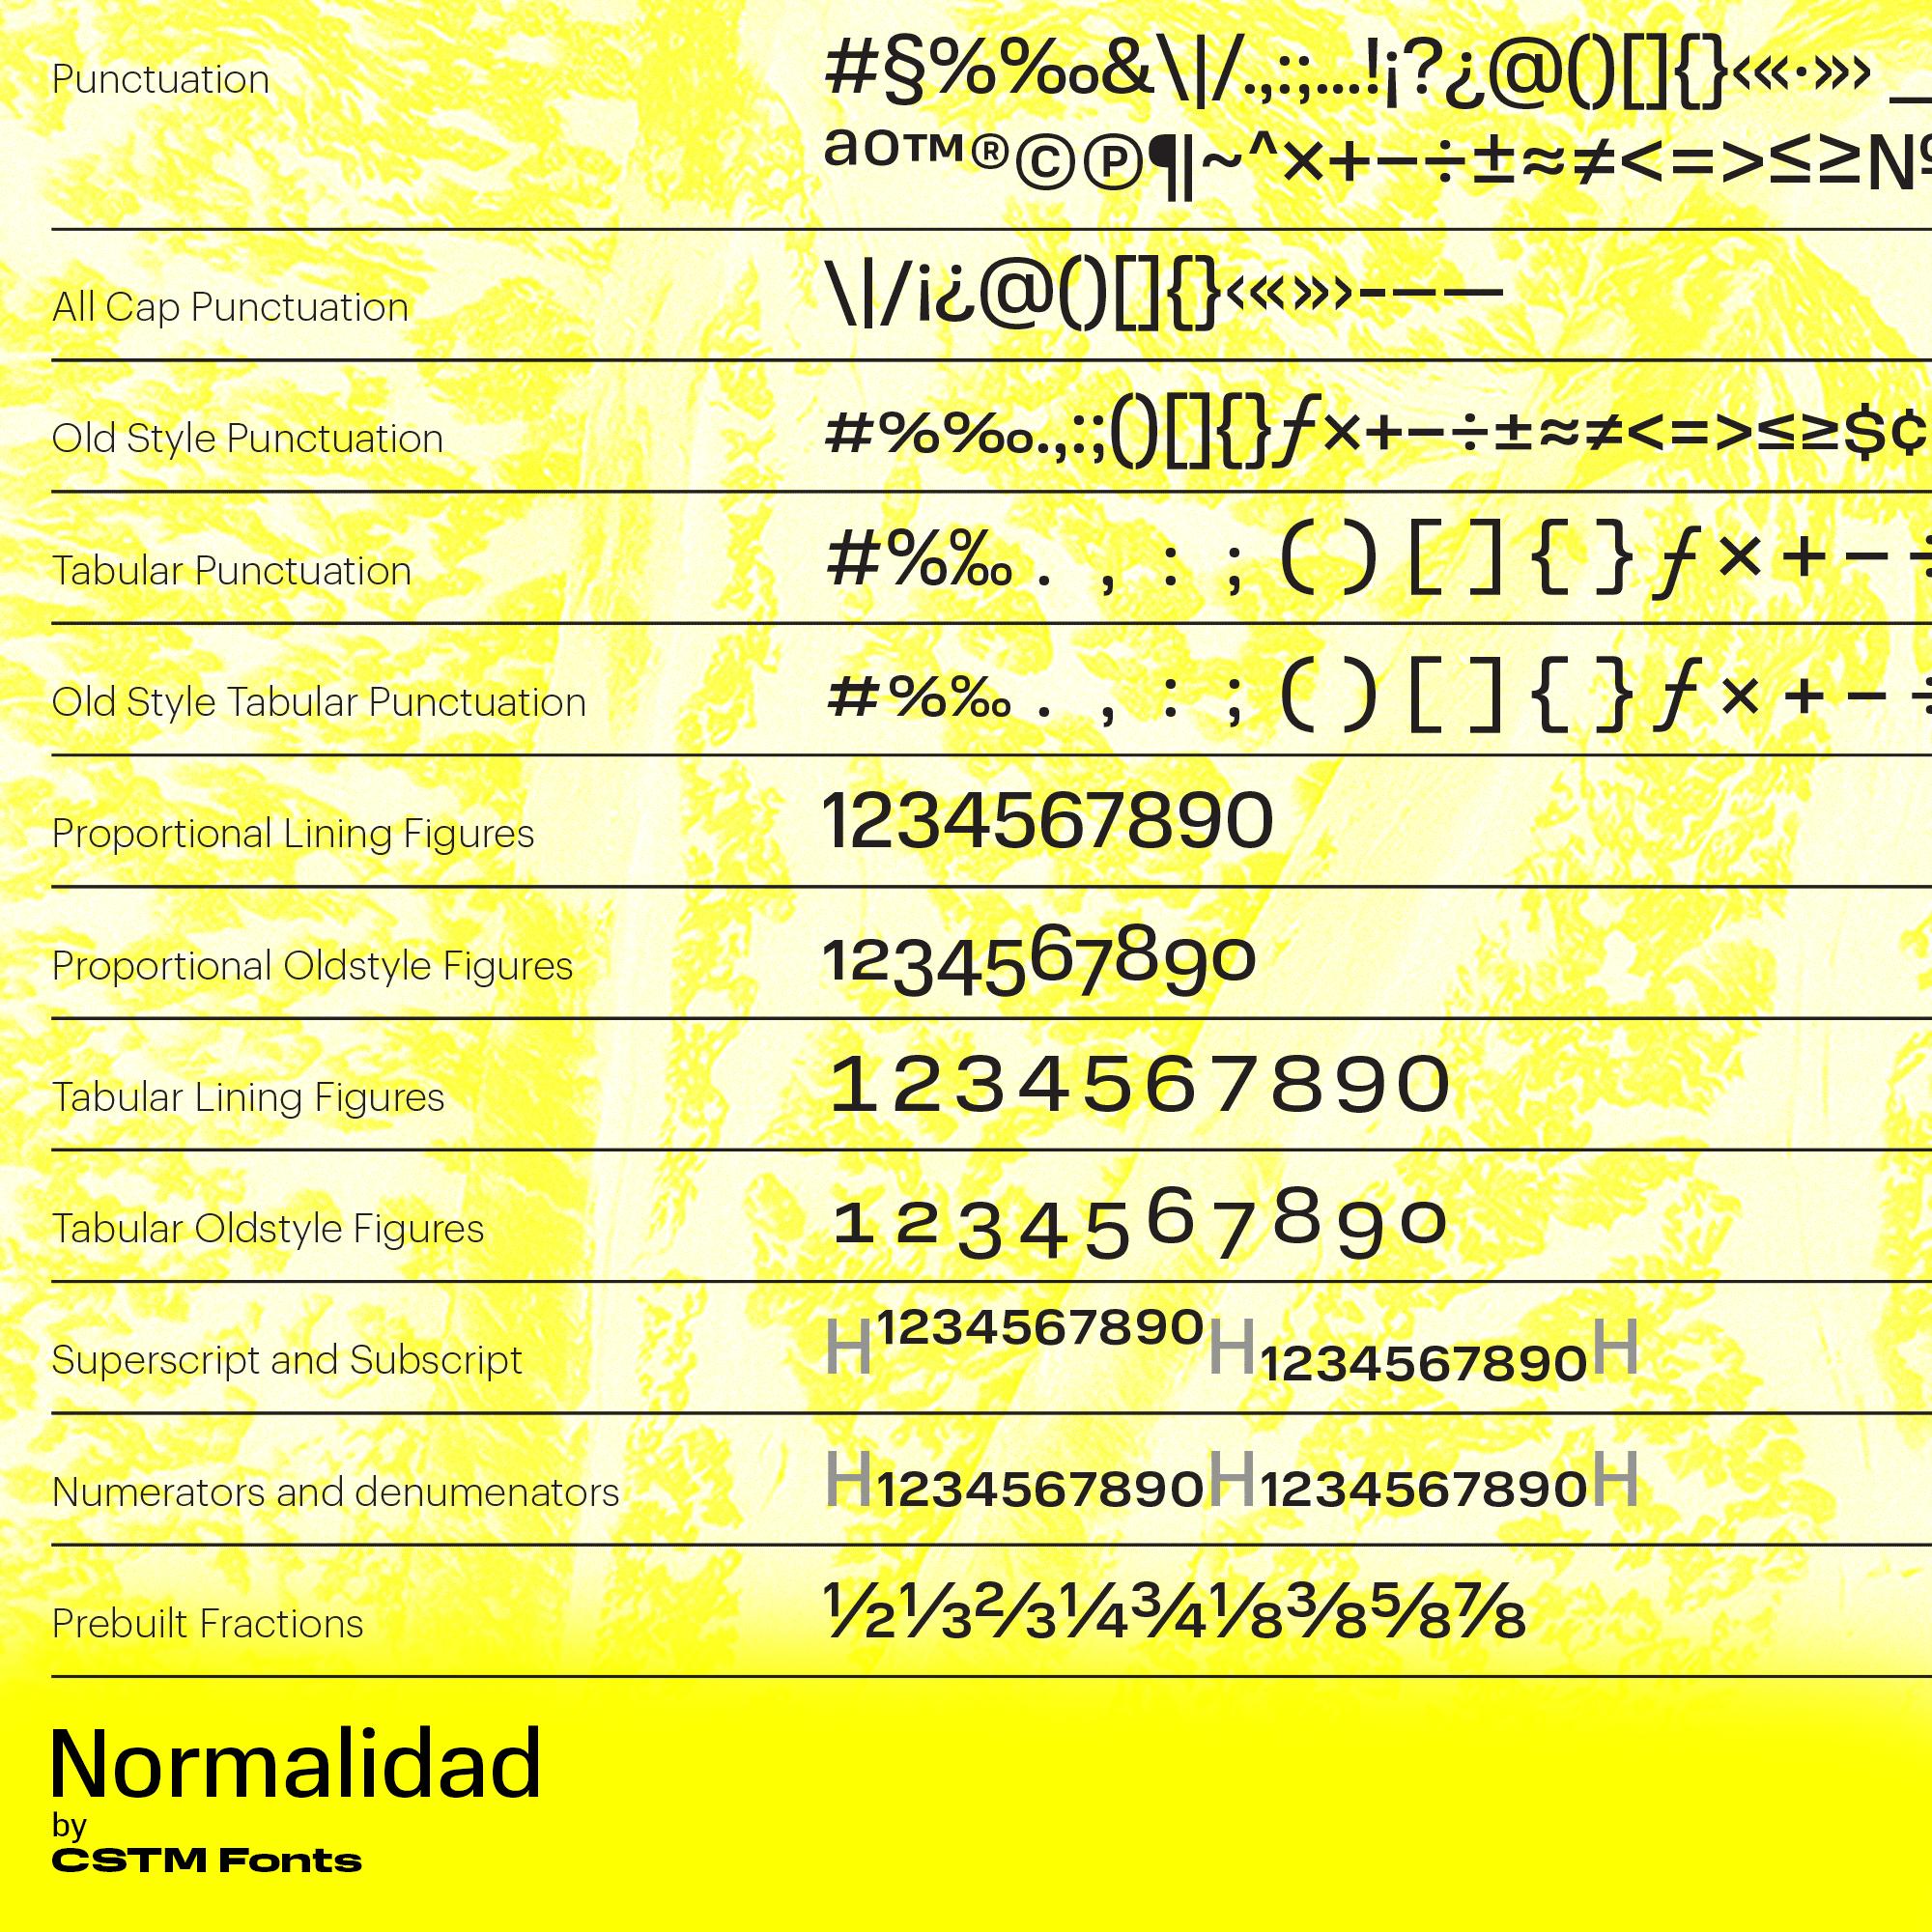 Normalidad_10